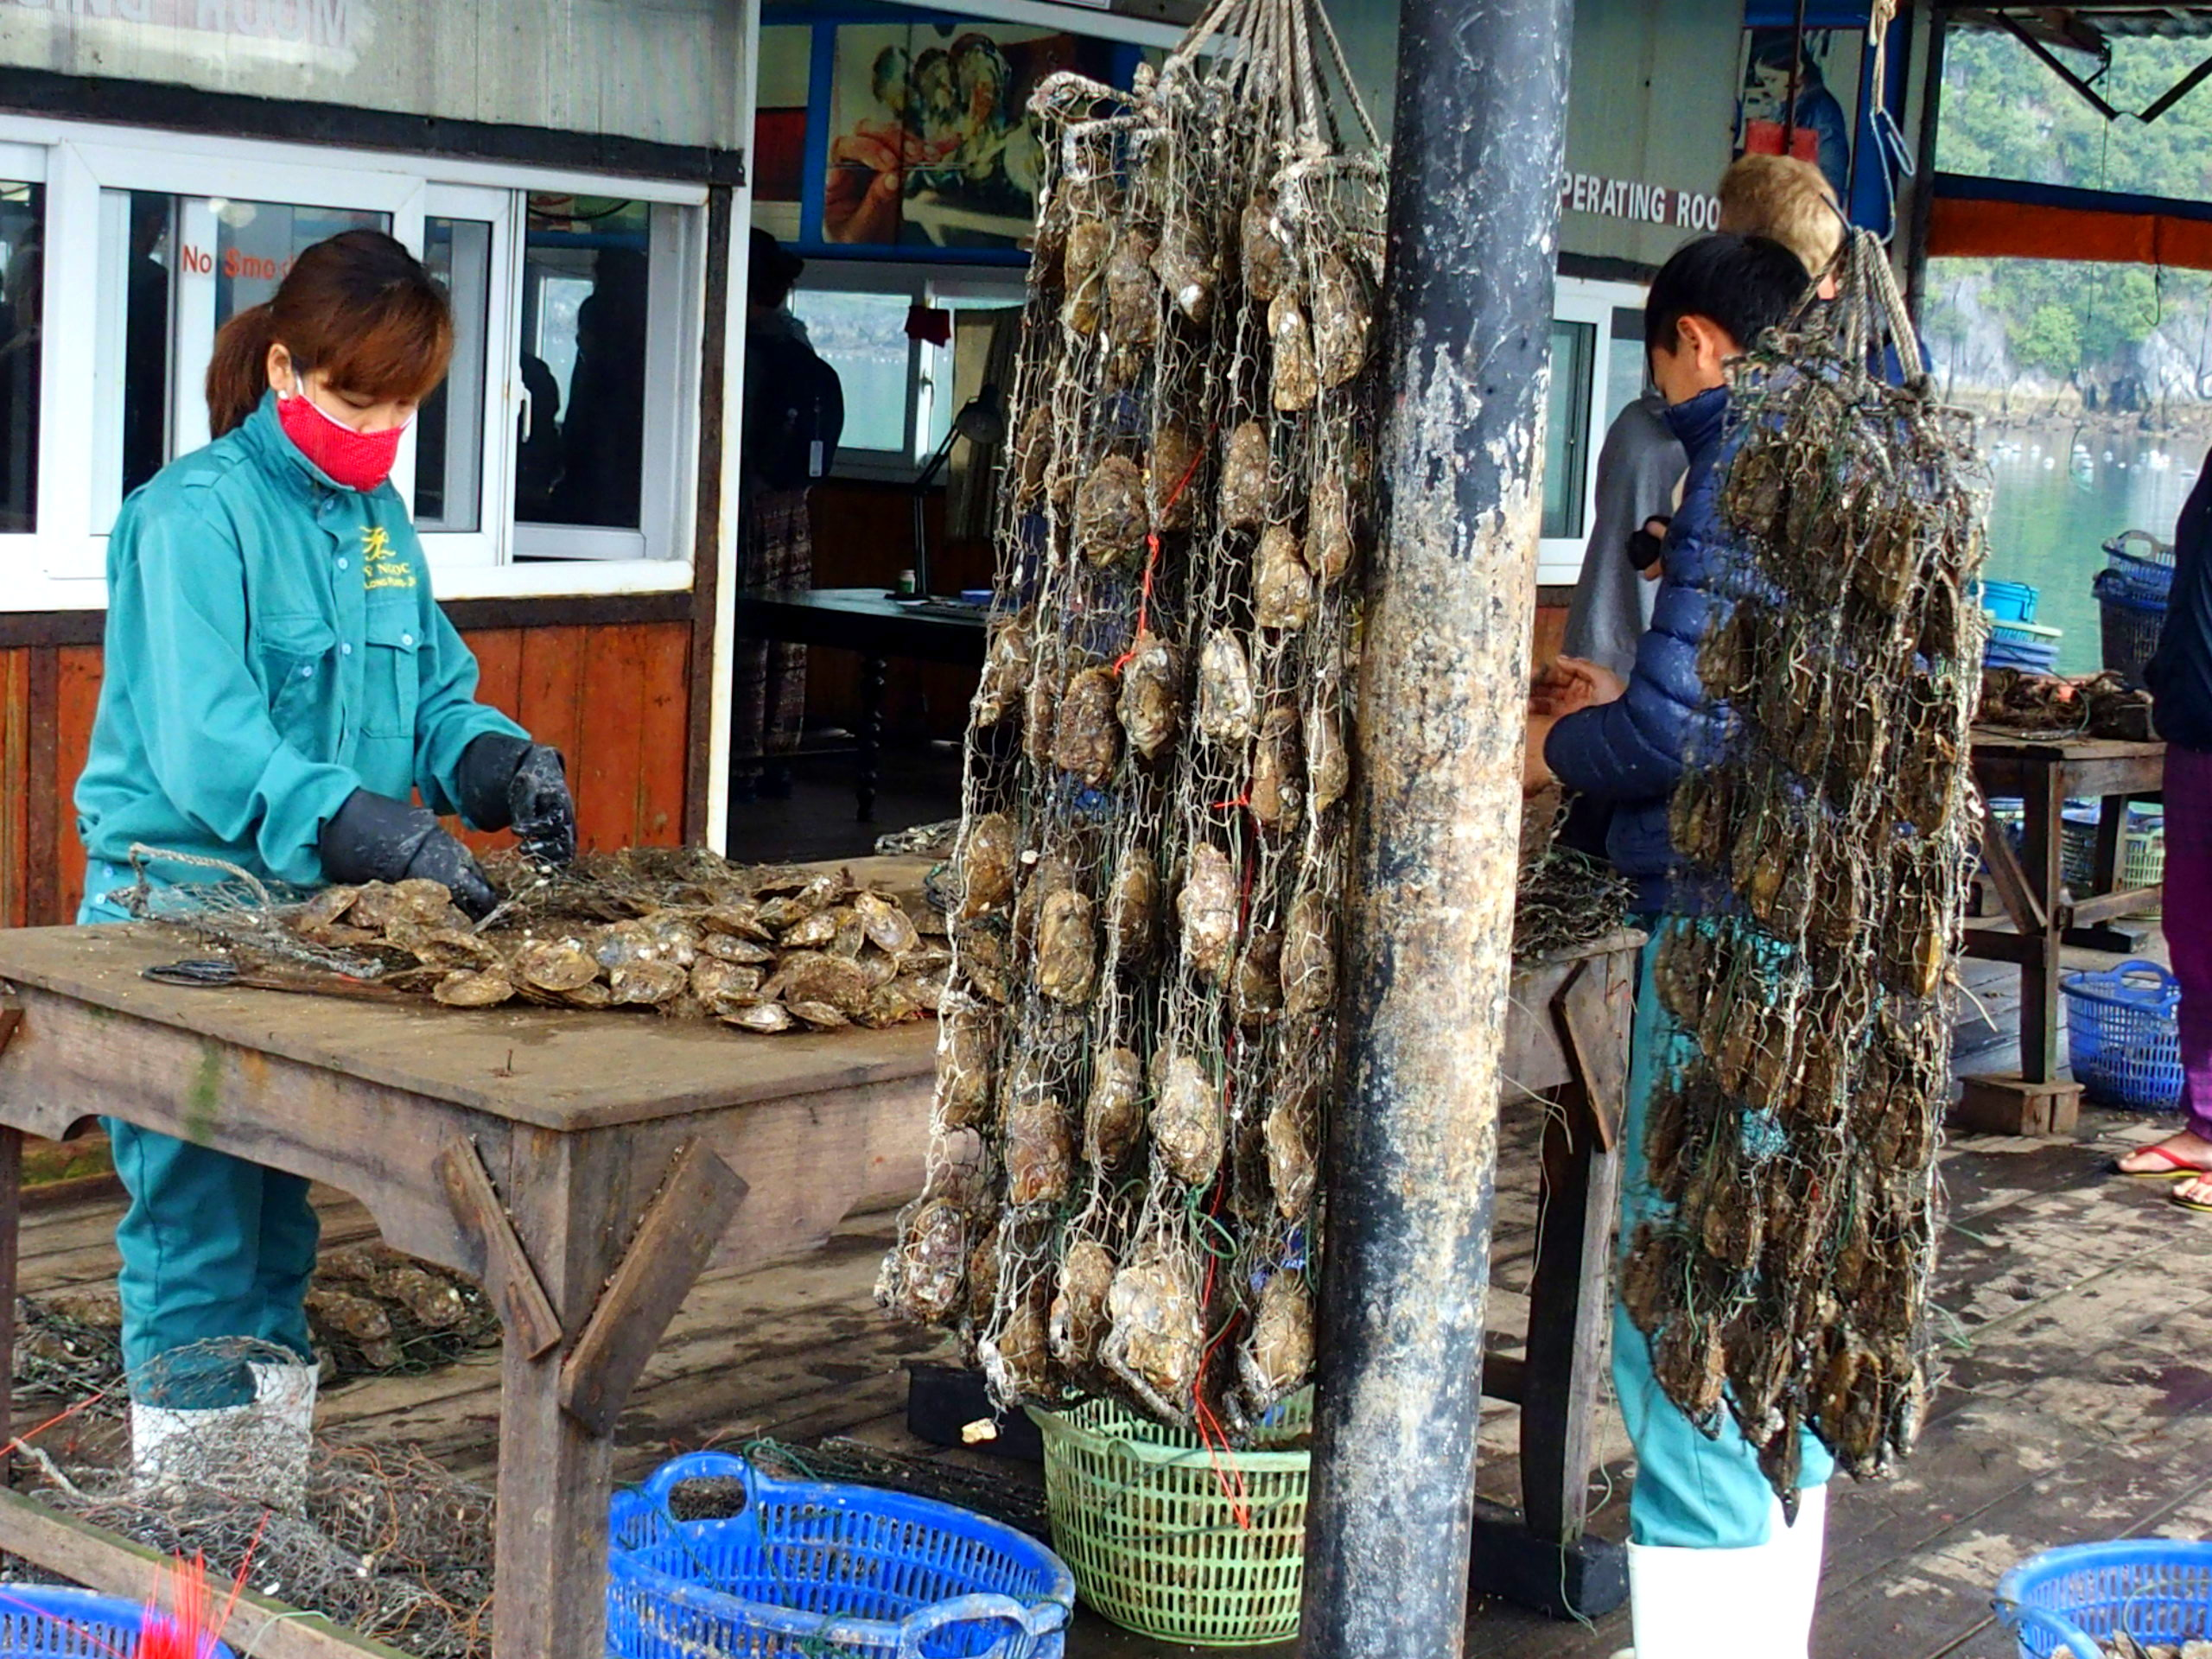 Nettoyage des huitres ferme perlière baie d'Halong souvenirs du Vietnam